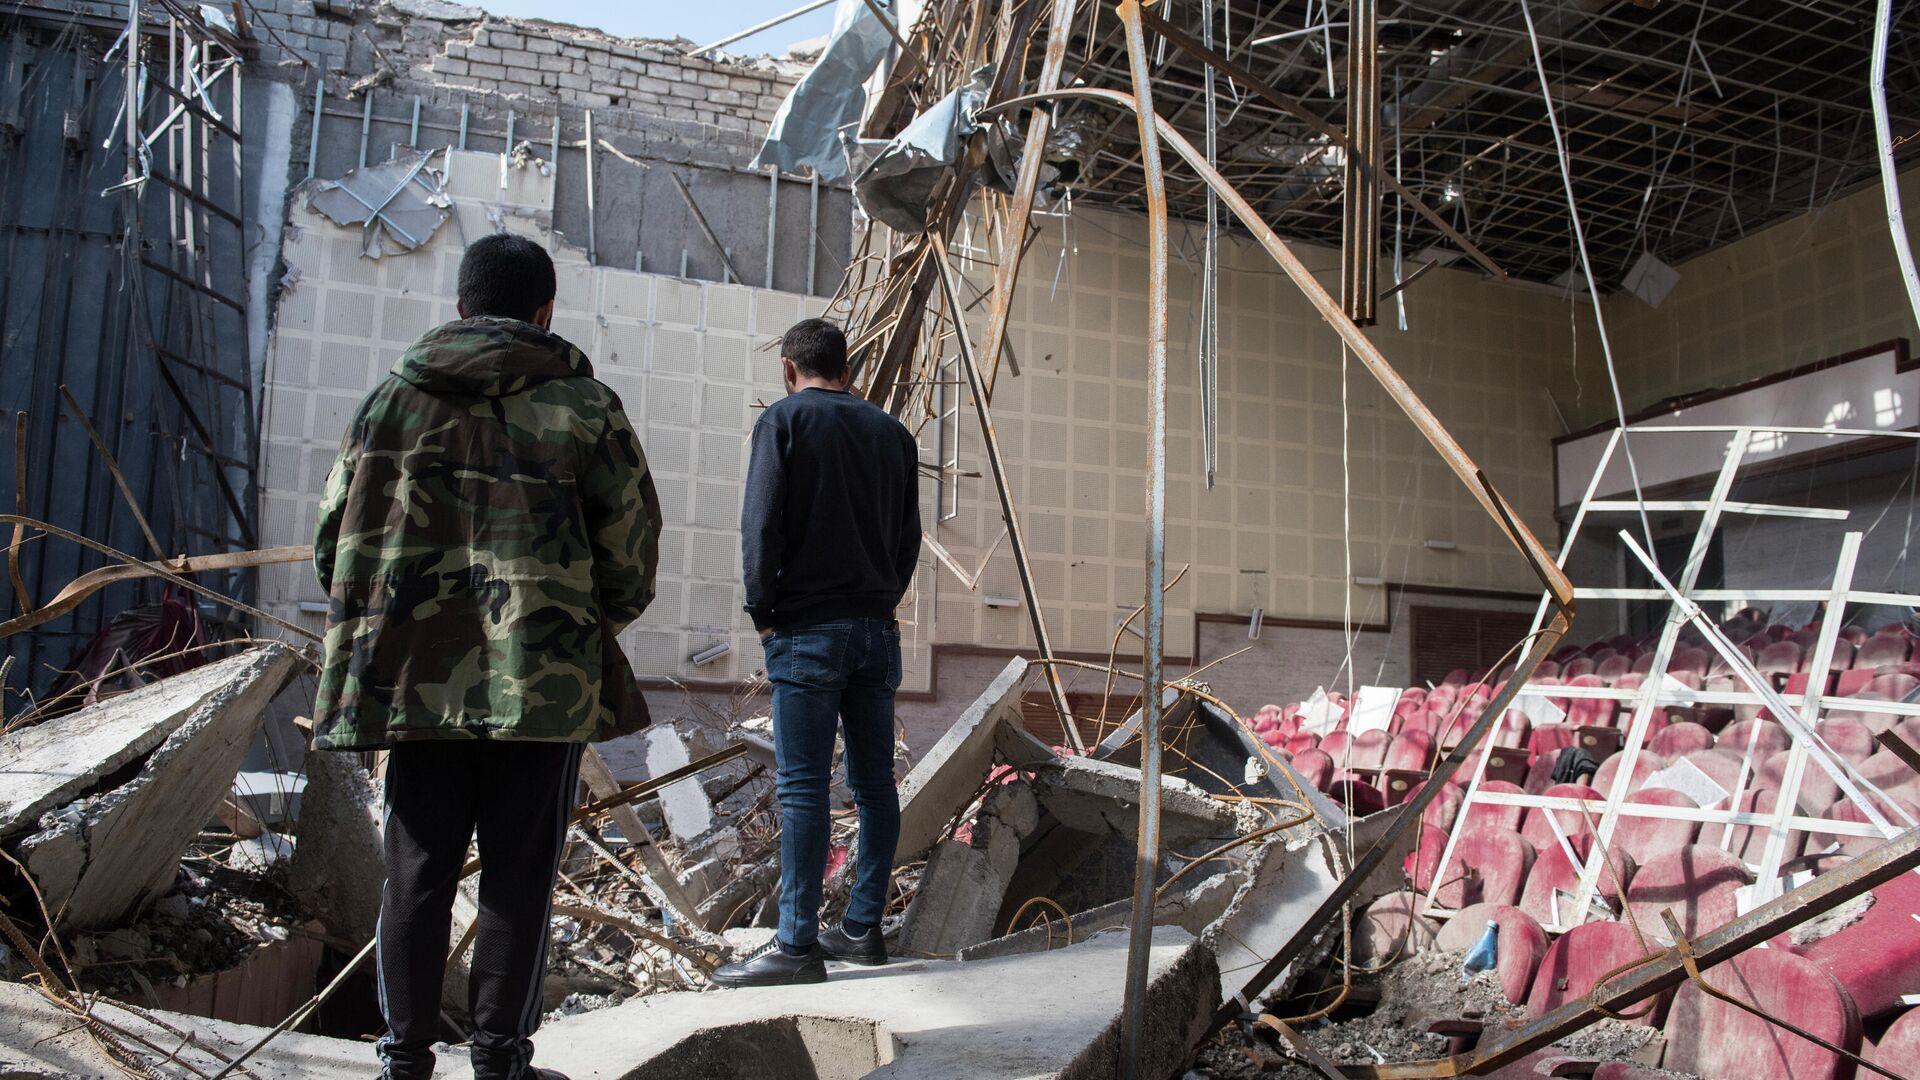 Разрушенный обстрелом кинотеатр в городе Шуши в Карабахе - РИА Новости, 1920, 13.10.2020